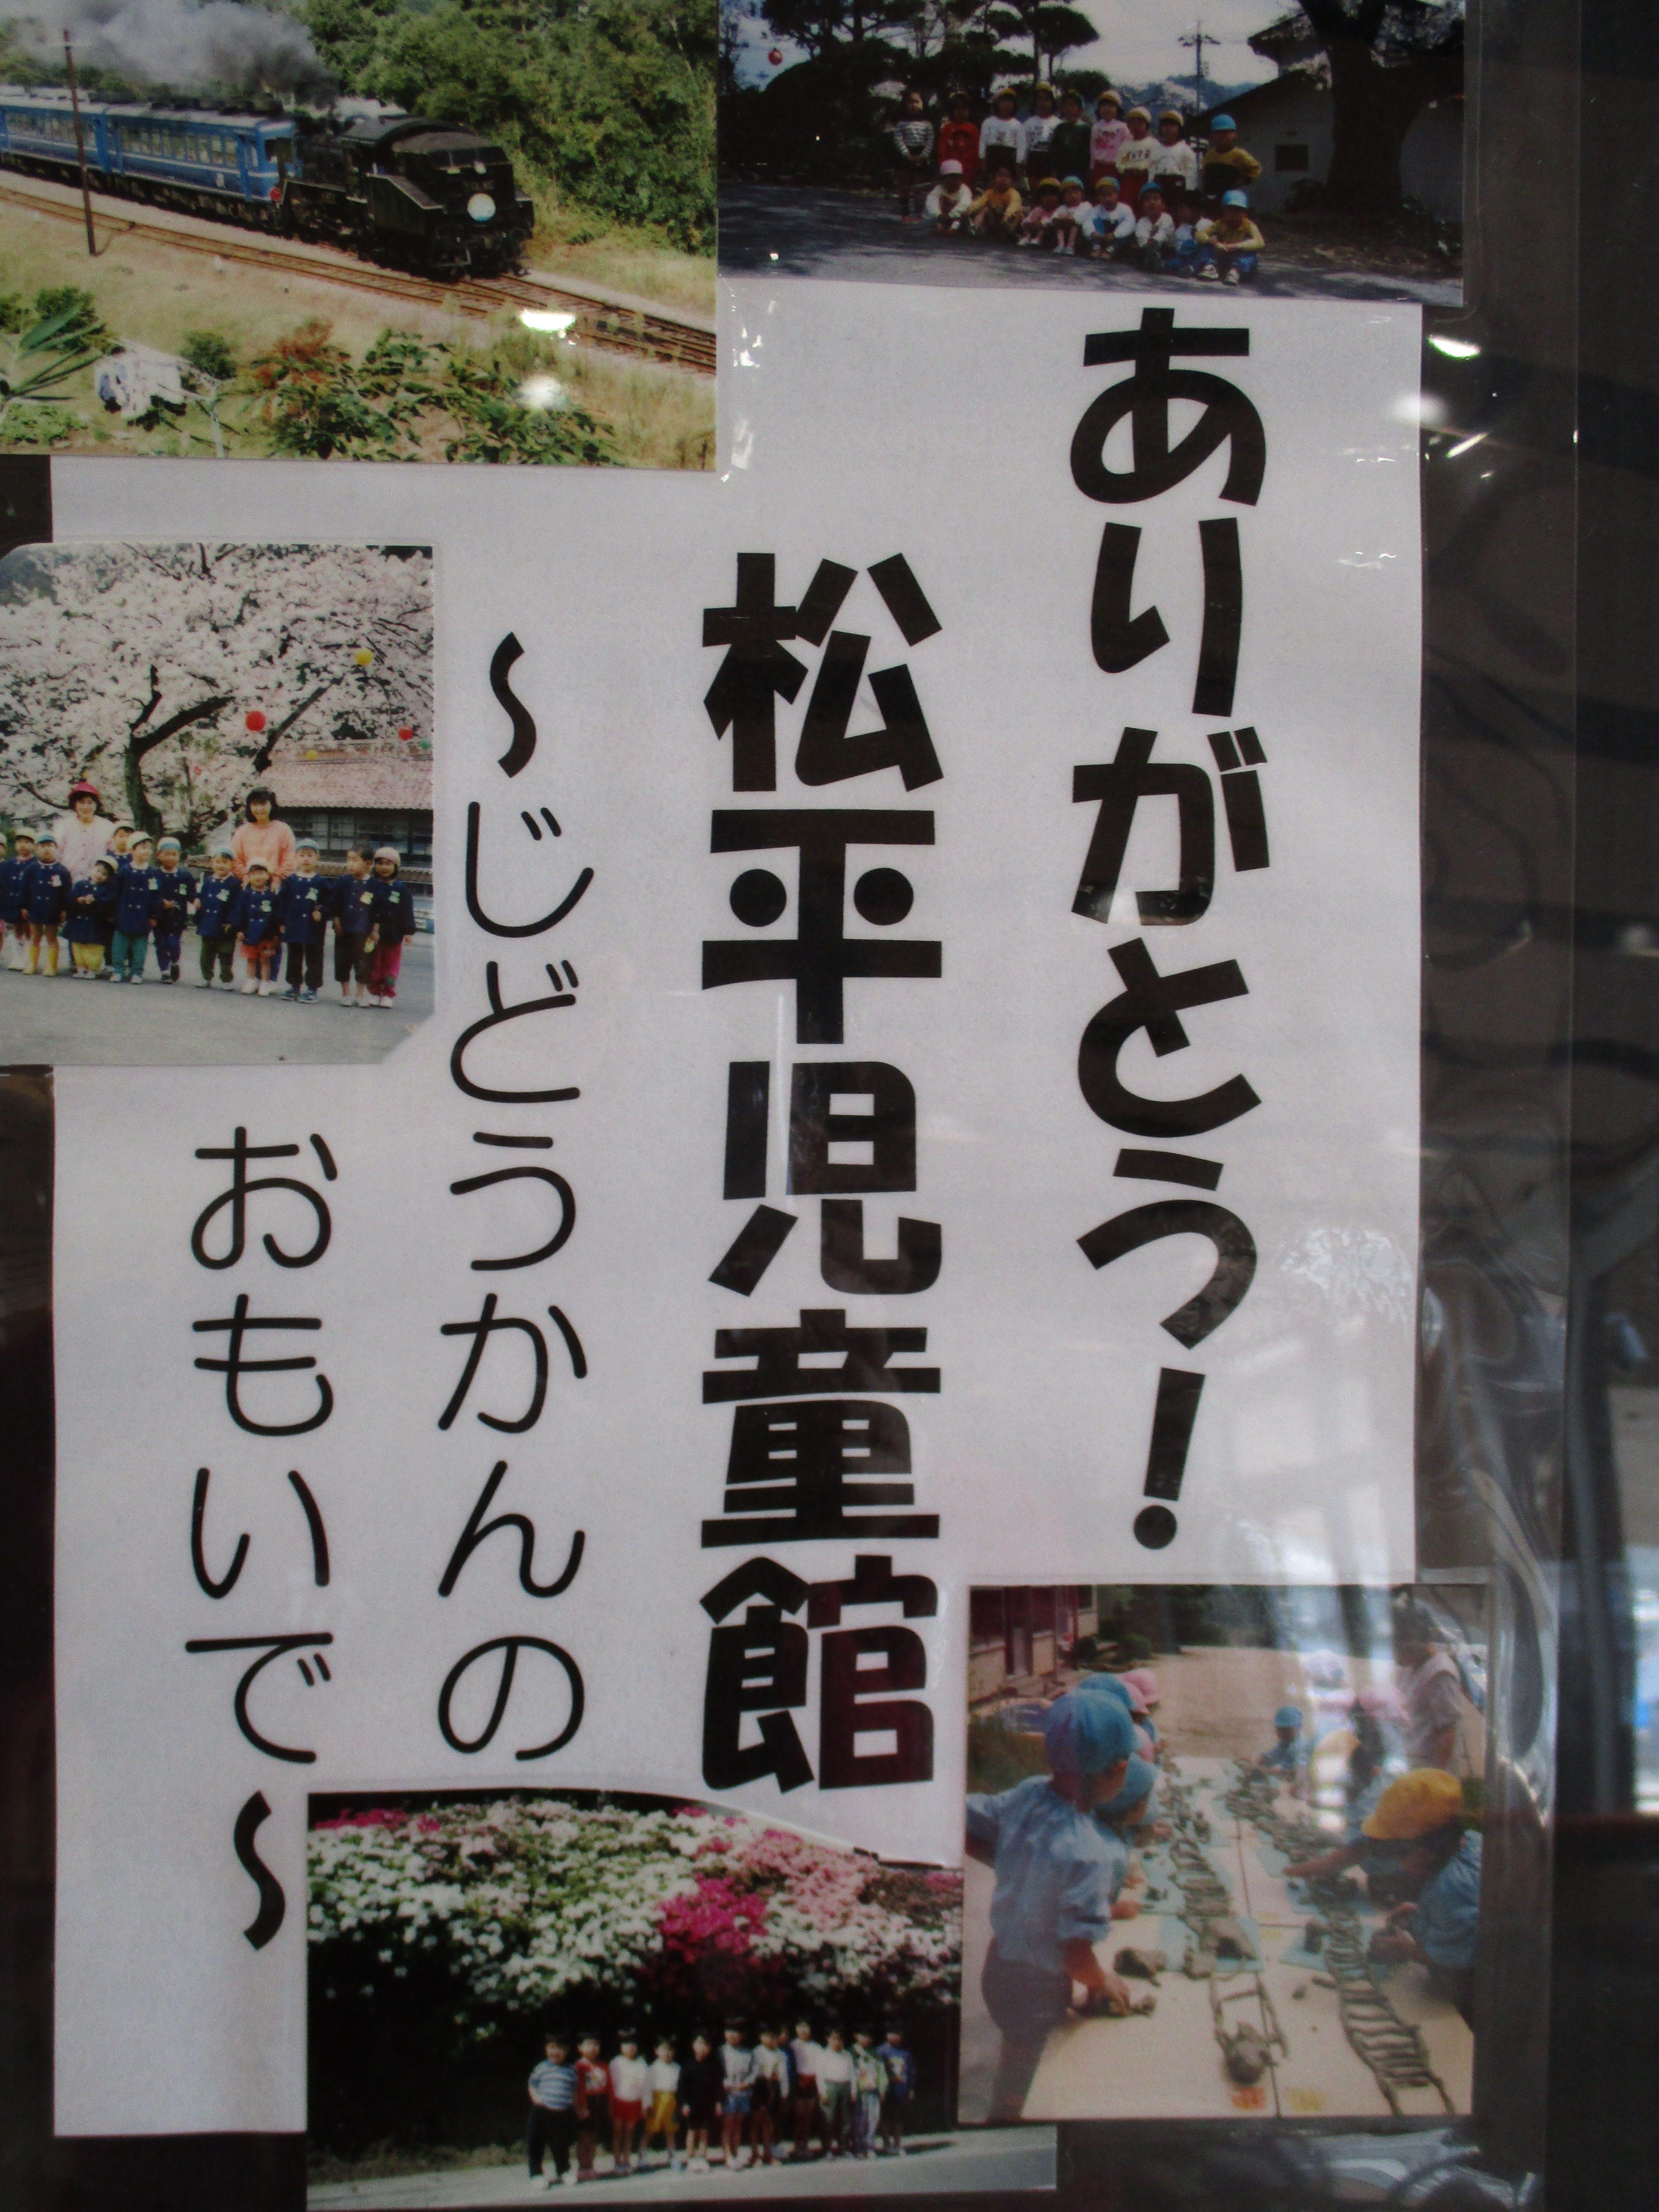 展示終了。ありがとう 松平児童館 多くの思い出をありがとう。